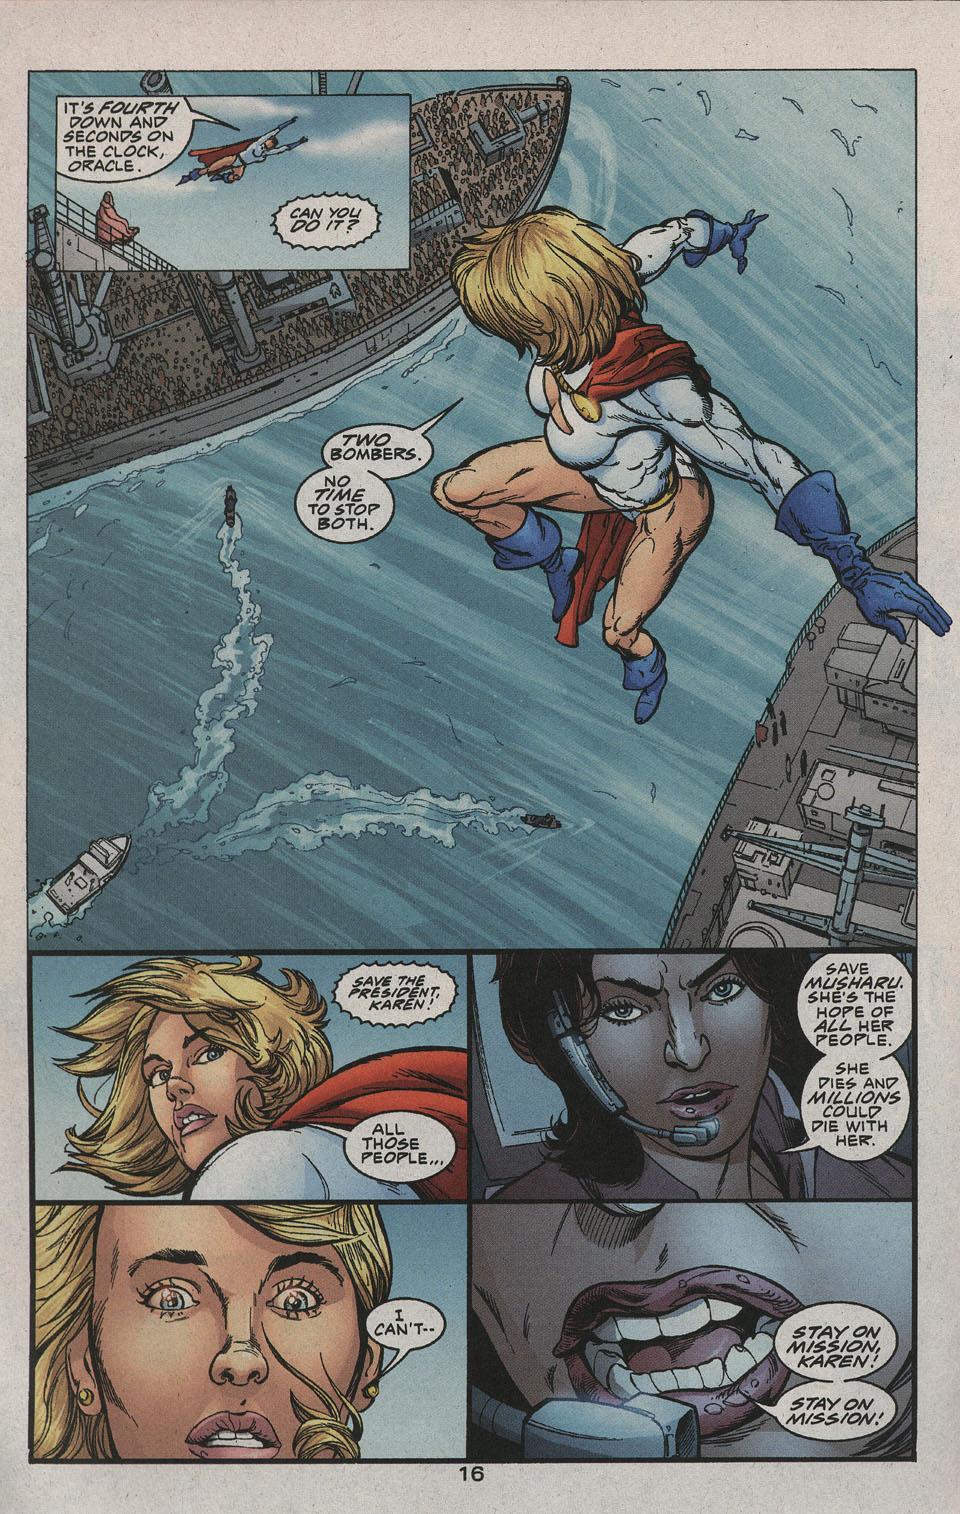 042 16 powergirl Oracle.jpg